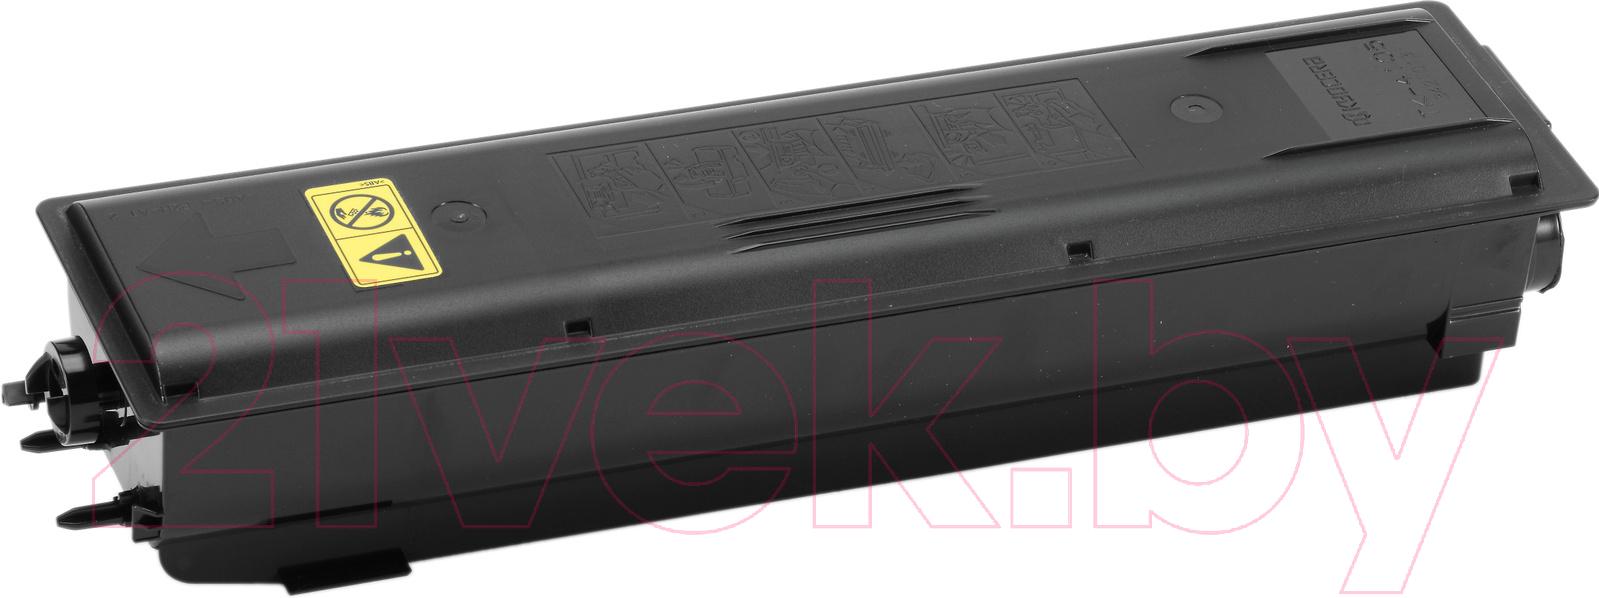 Купить Тонер-картридж Kyocera Mita, TK-4105, Китай, черный